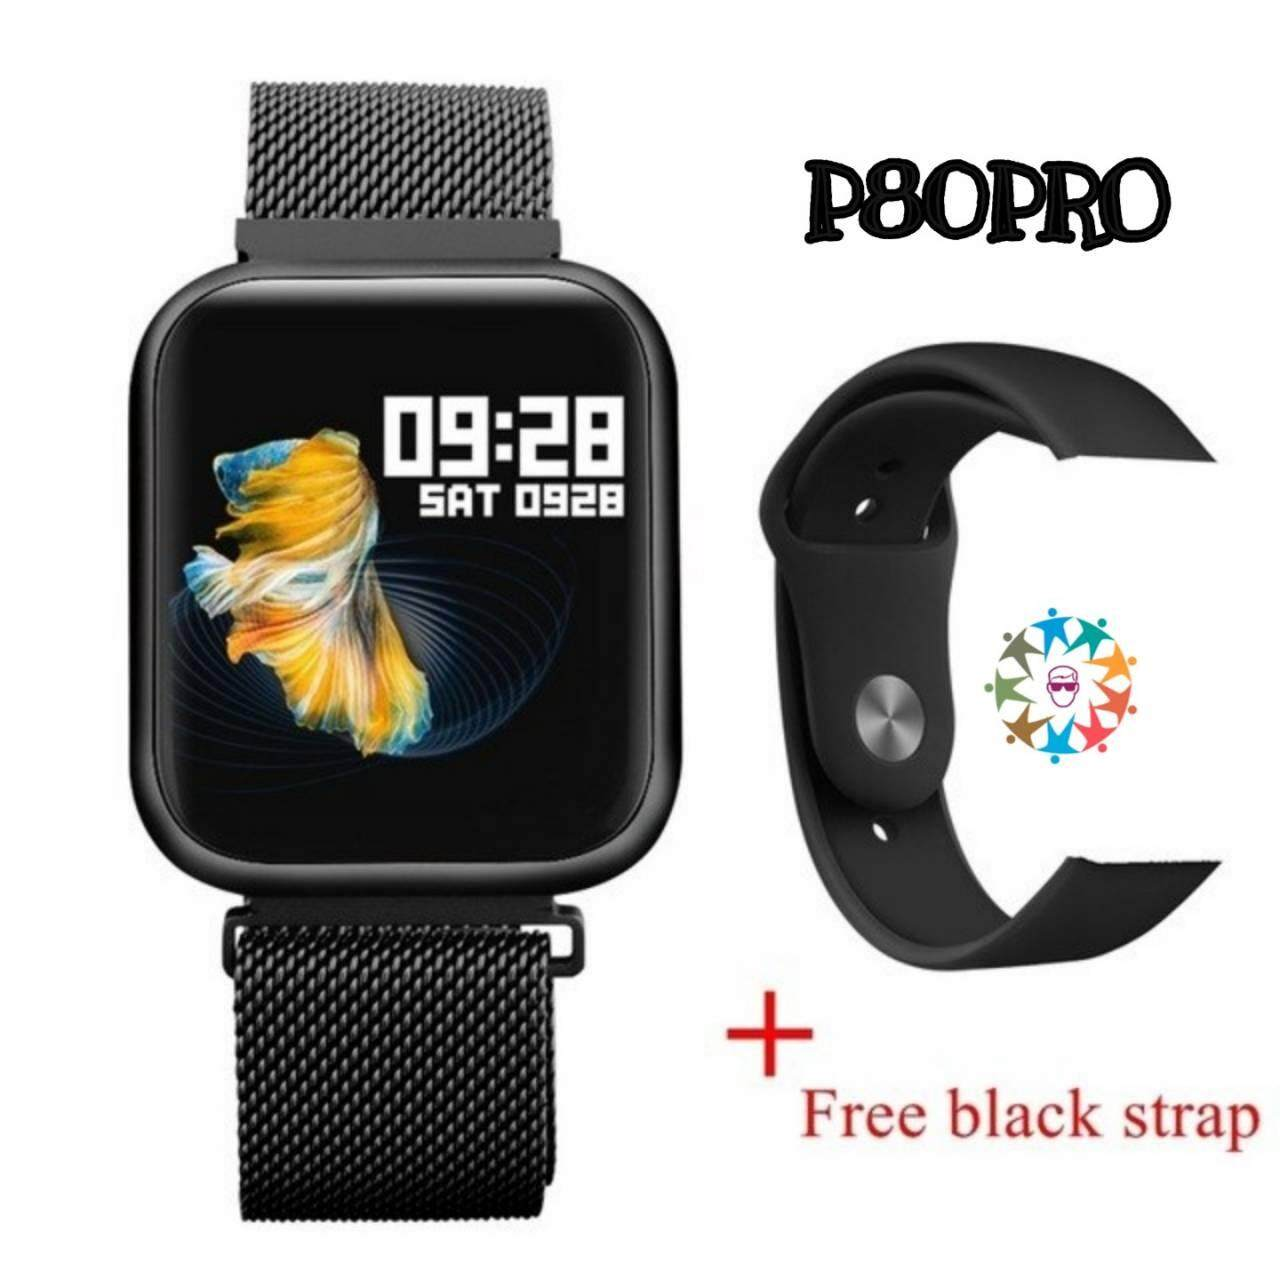 New Item⭐smart Watch รุ่น P80pro พิเศษแถมฟิล์มกันรอย⭐ (touch Screen ทั้งจอ อัพเกรดจาก P70pro).